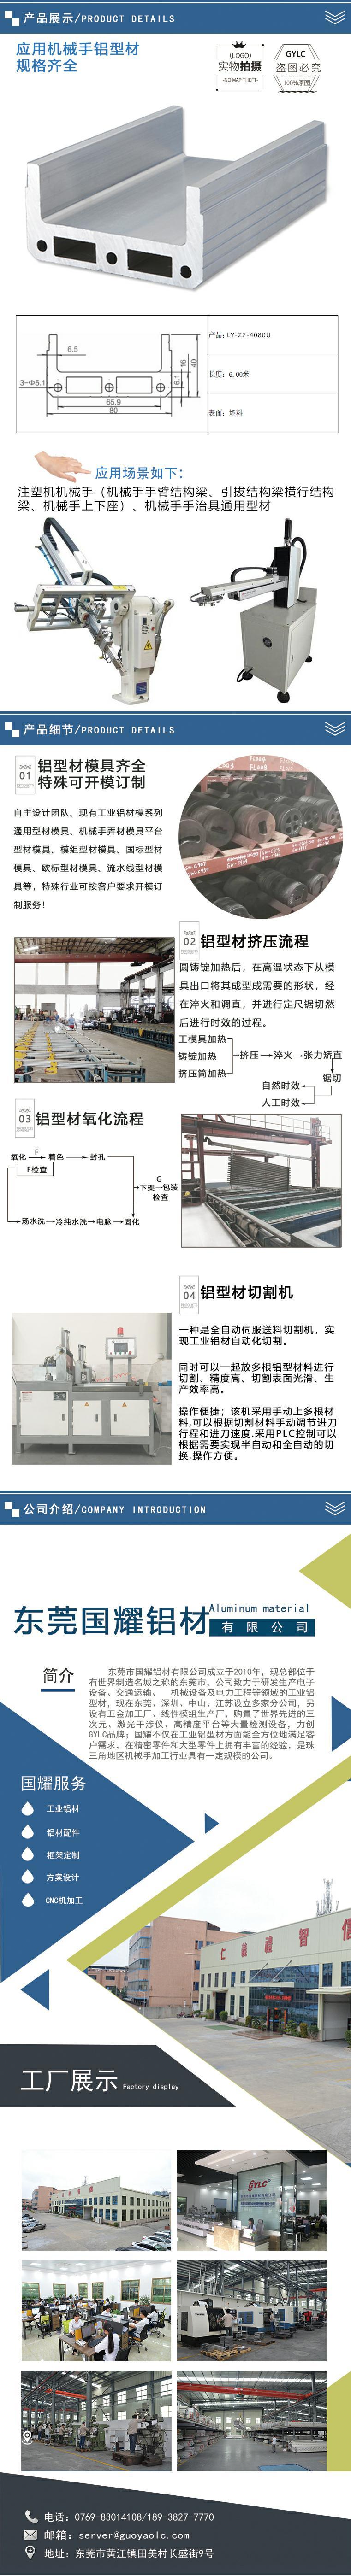 机械手铝材生产厂家